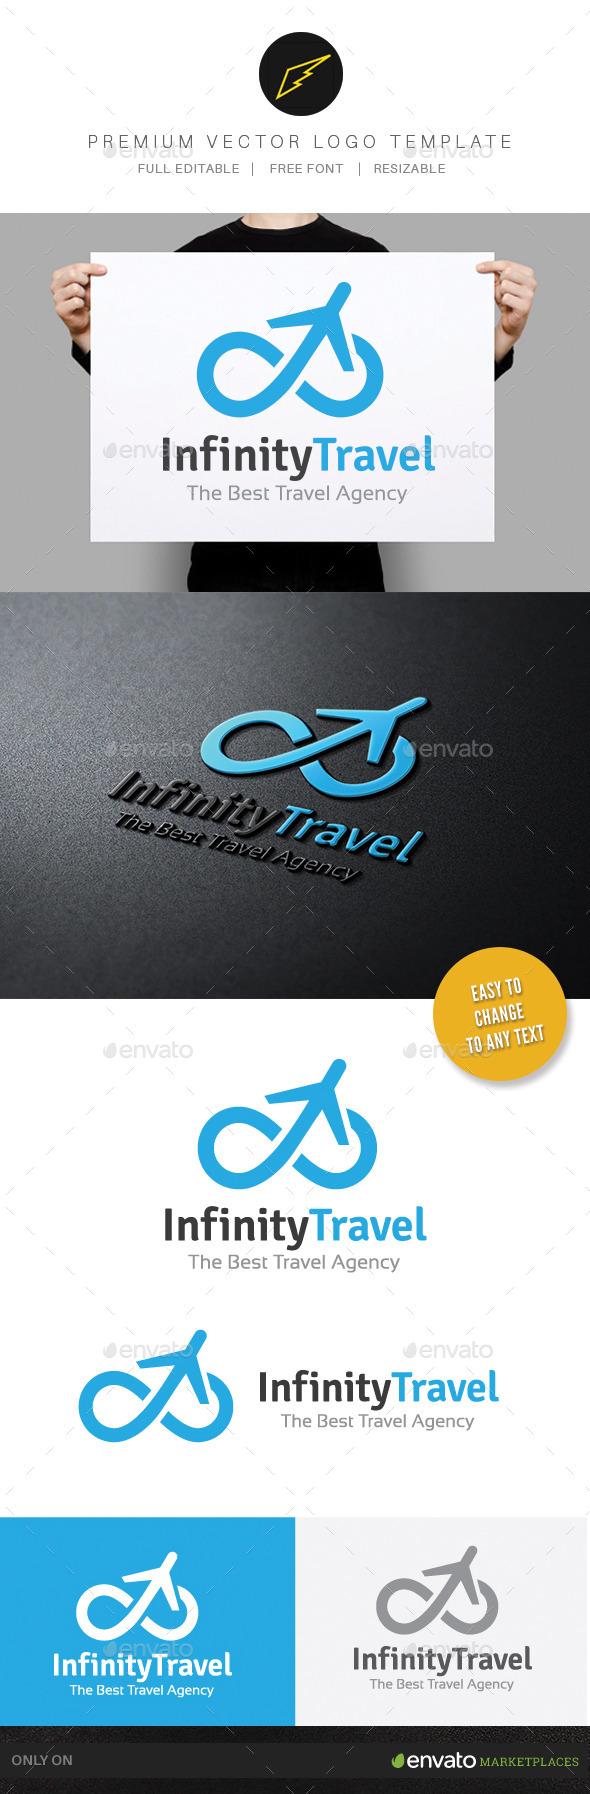 Infinity Travel